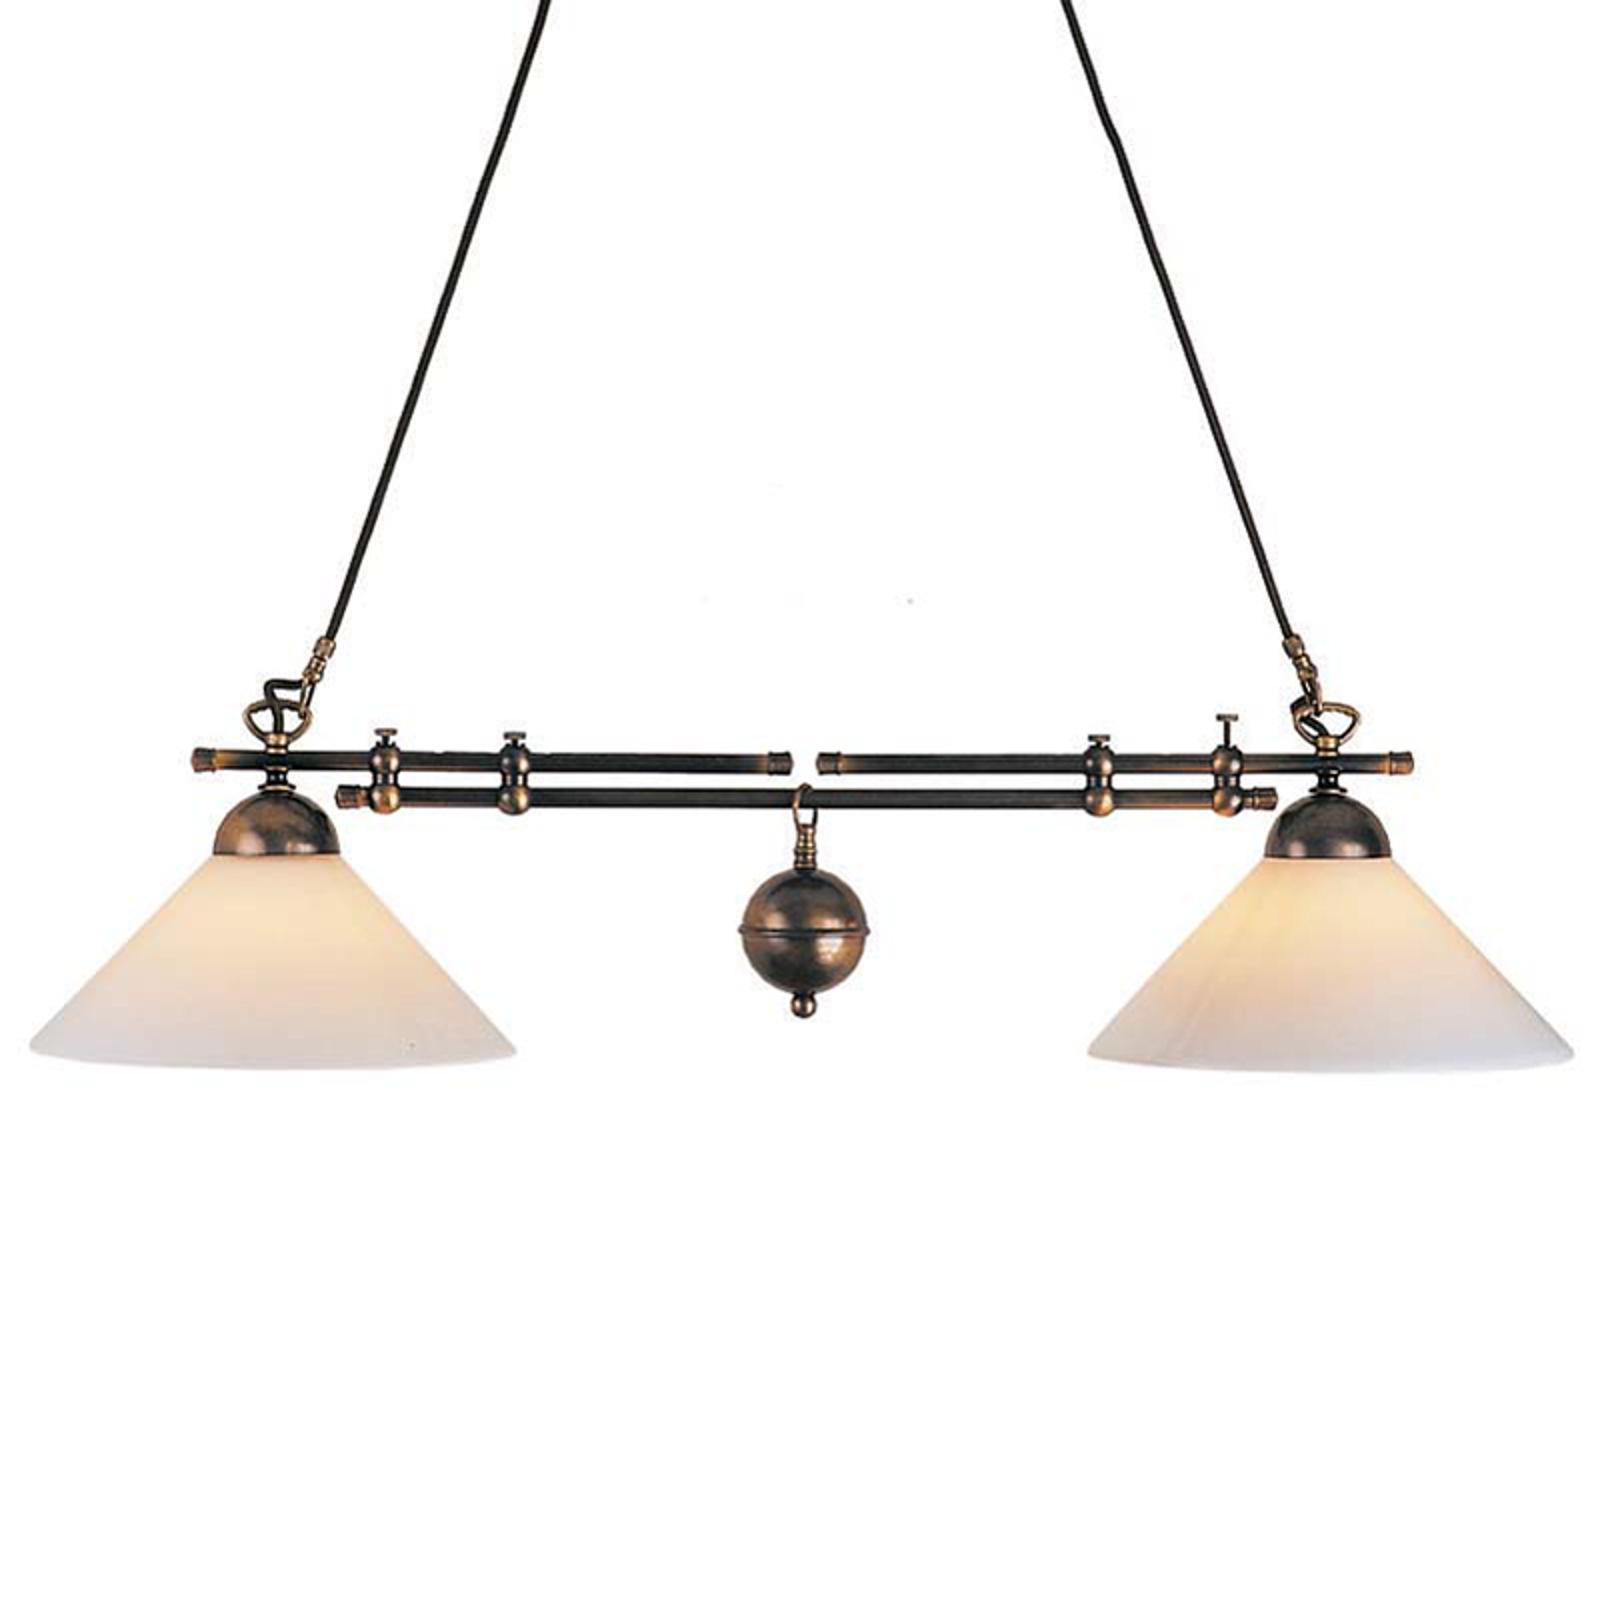 Balktaklampa Anno 1900 - två ljuskällor